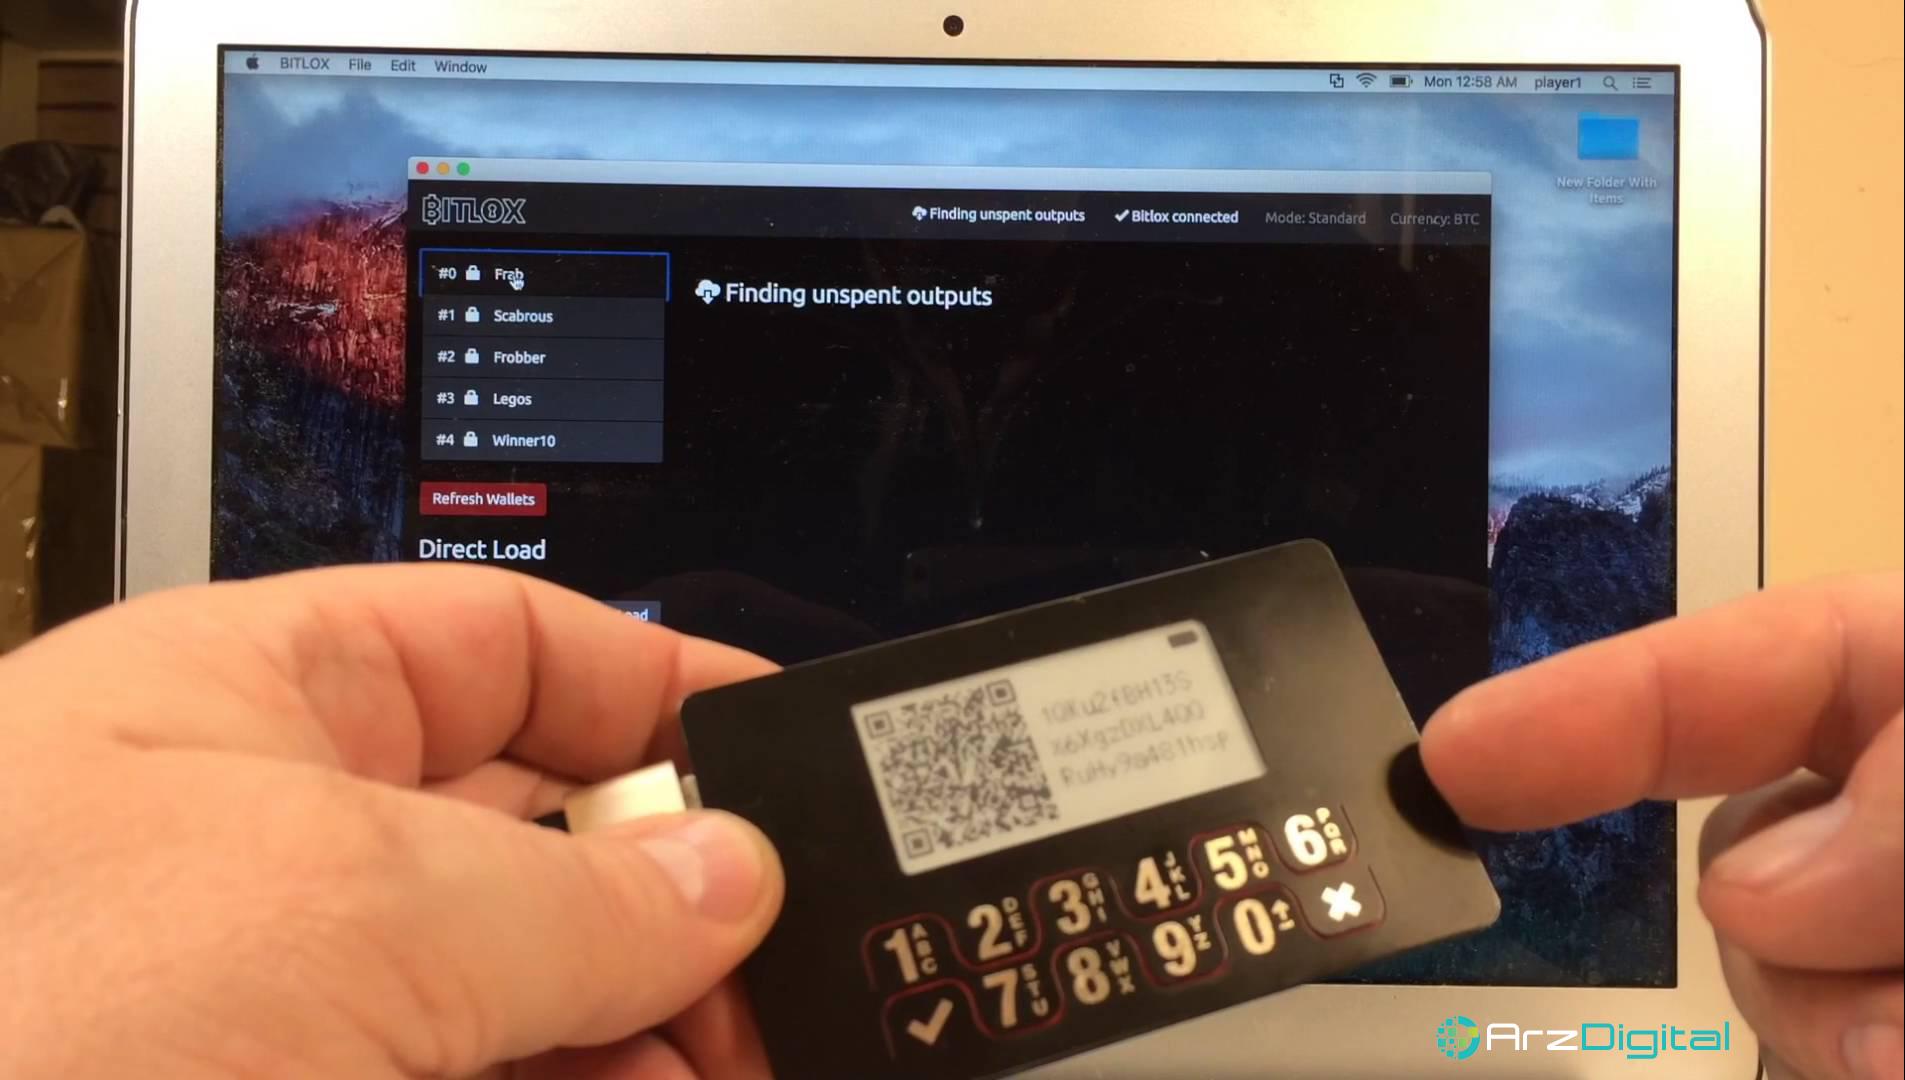 نگاهی بر پنج کیف پول سخت افزاری رمزارز های مختلف و قیمت های آن ها